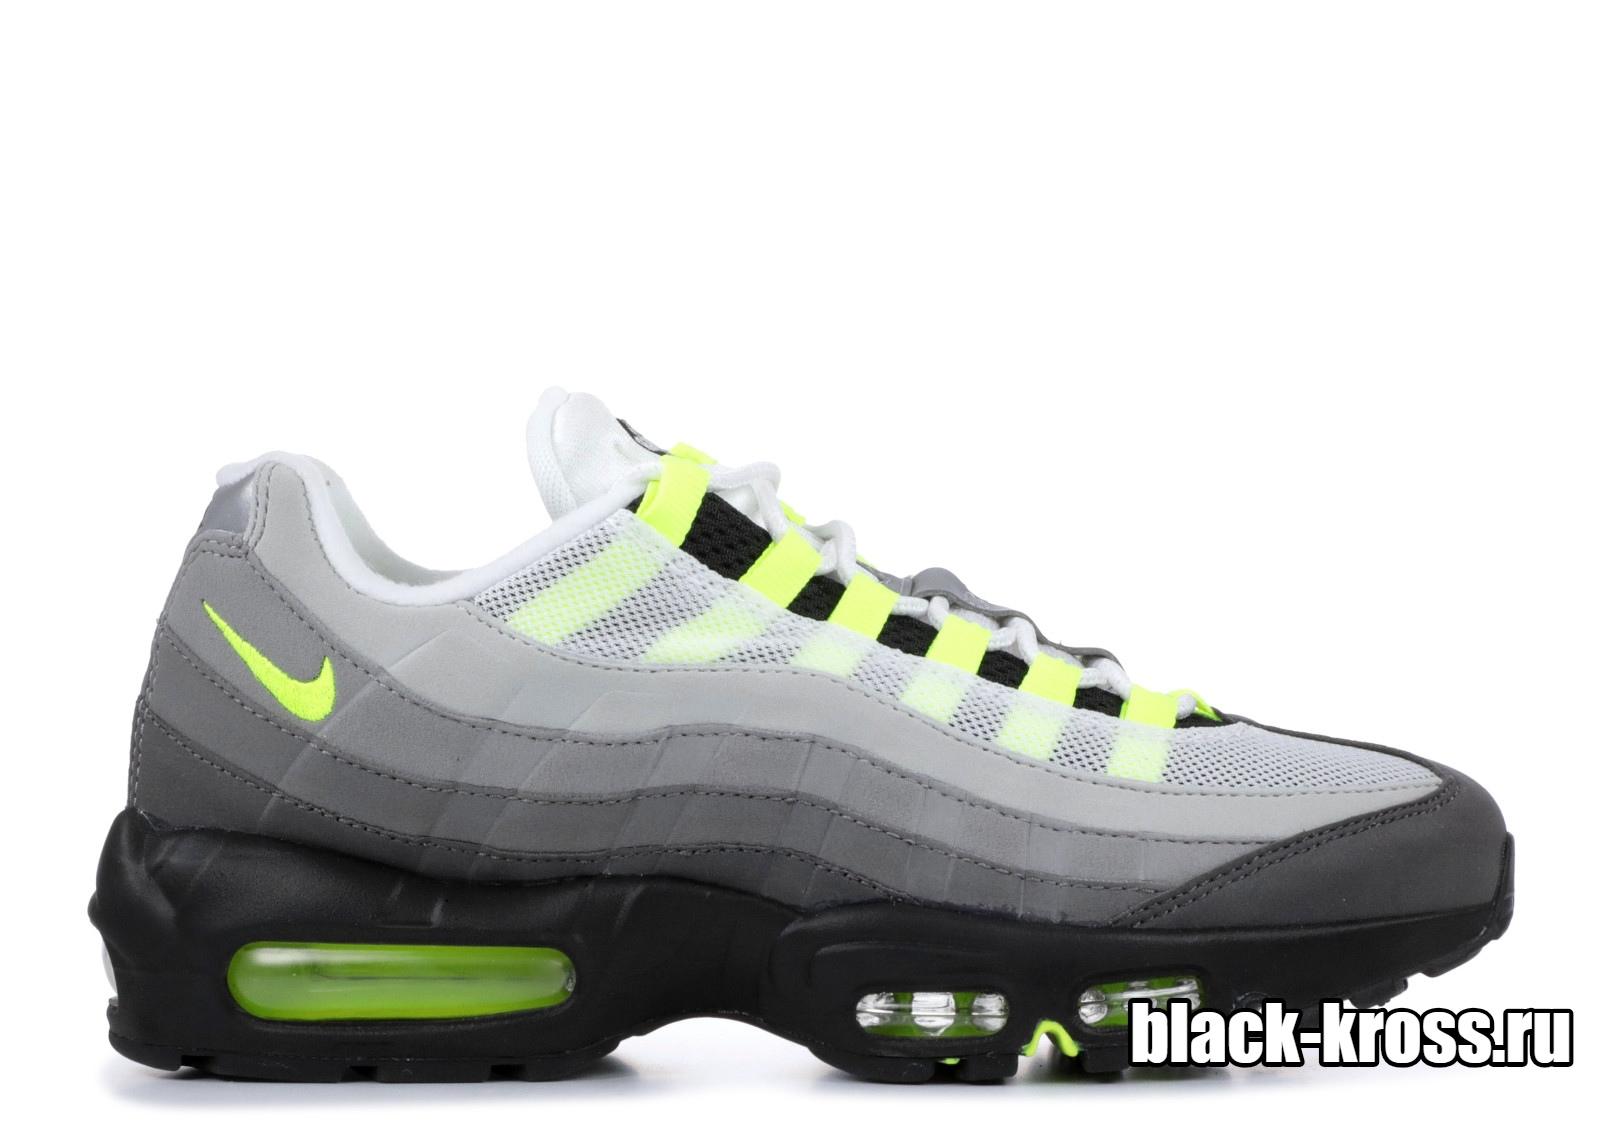 Nike Air Max 95 White/Black/Green (36-45)